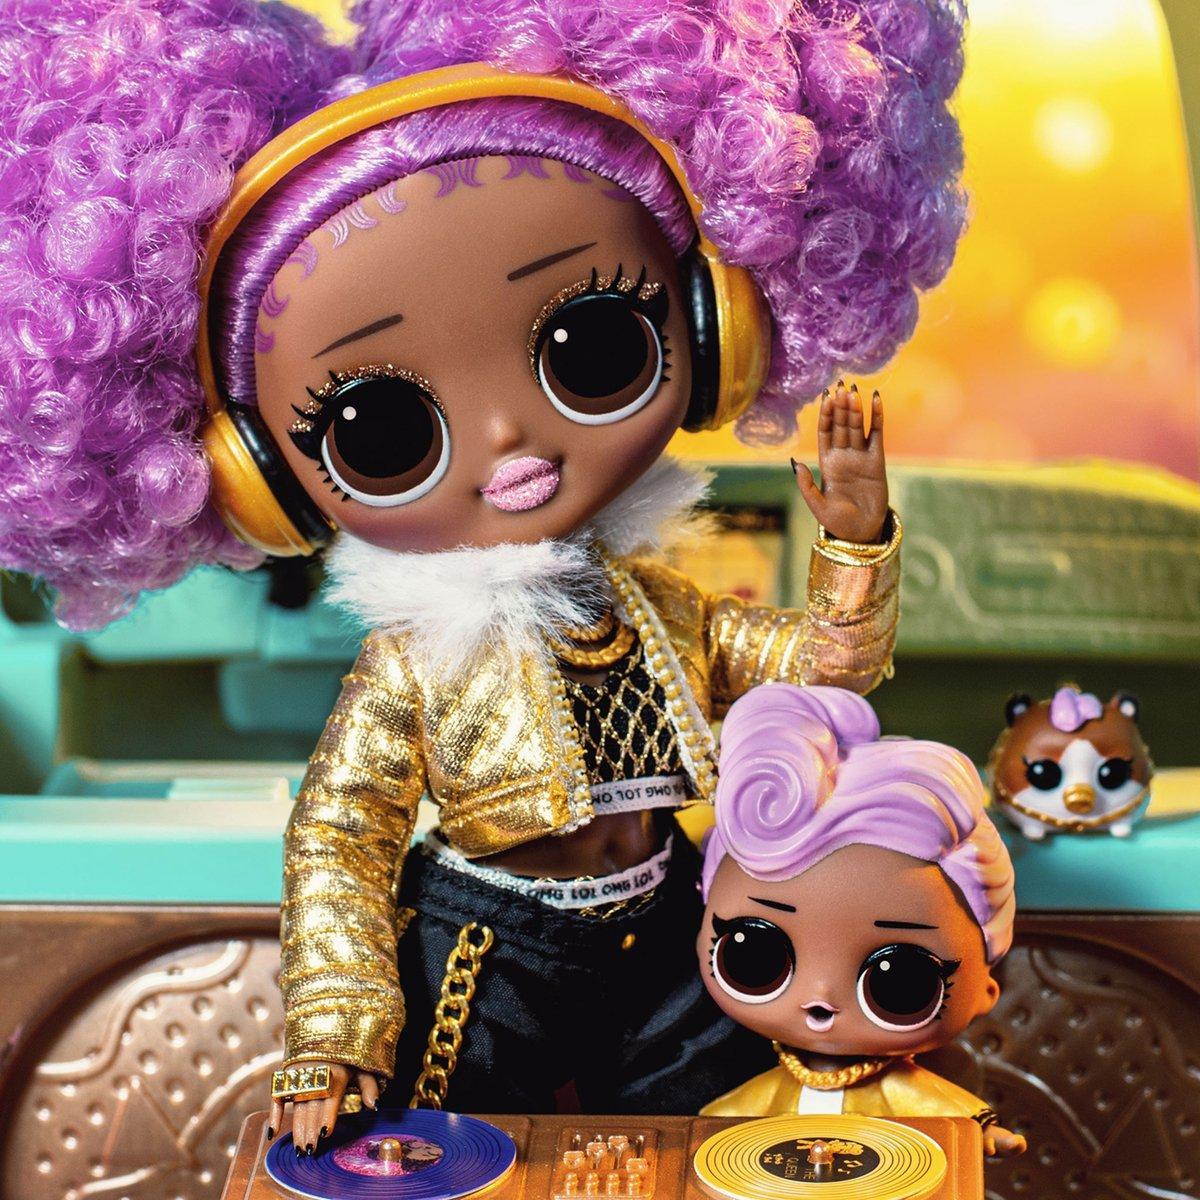 Кукла ЛОЛ Сюрприз леди диджей L.O.L. Surprise! O.M.G. 24K D.J. - фото 2